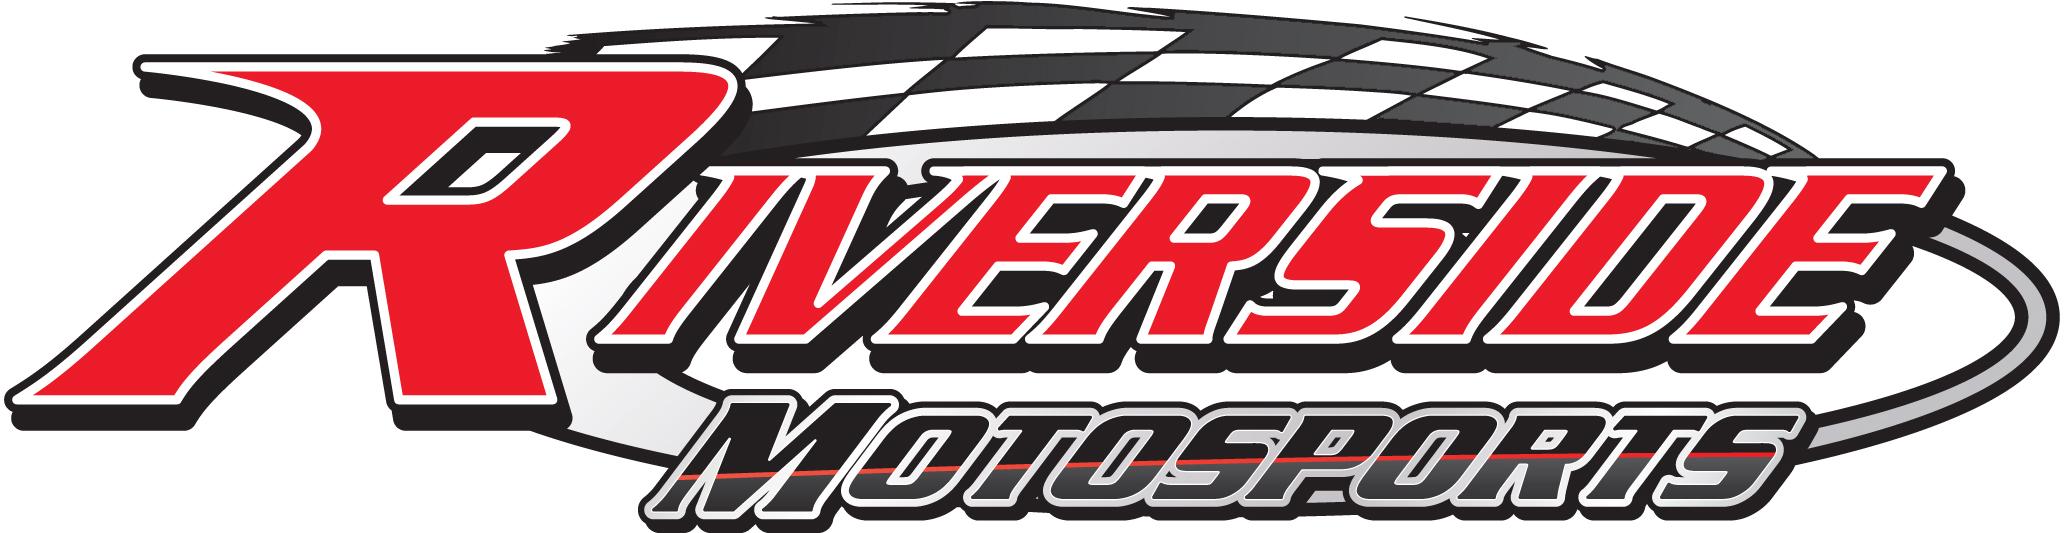 Riverside-Motosports-logo